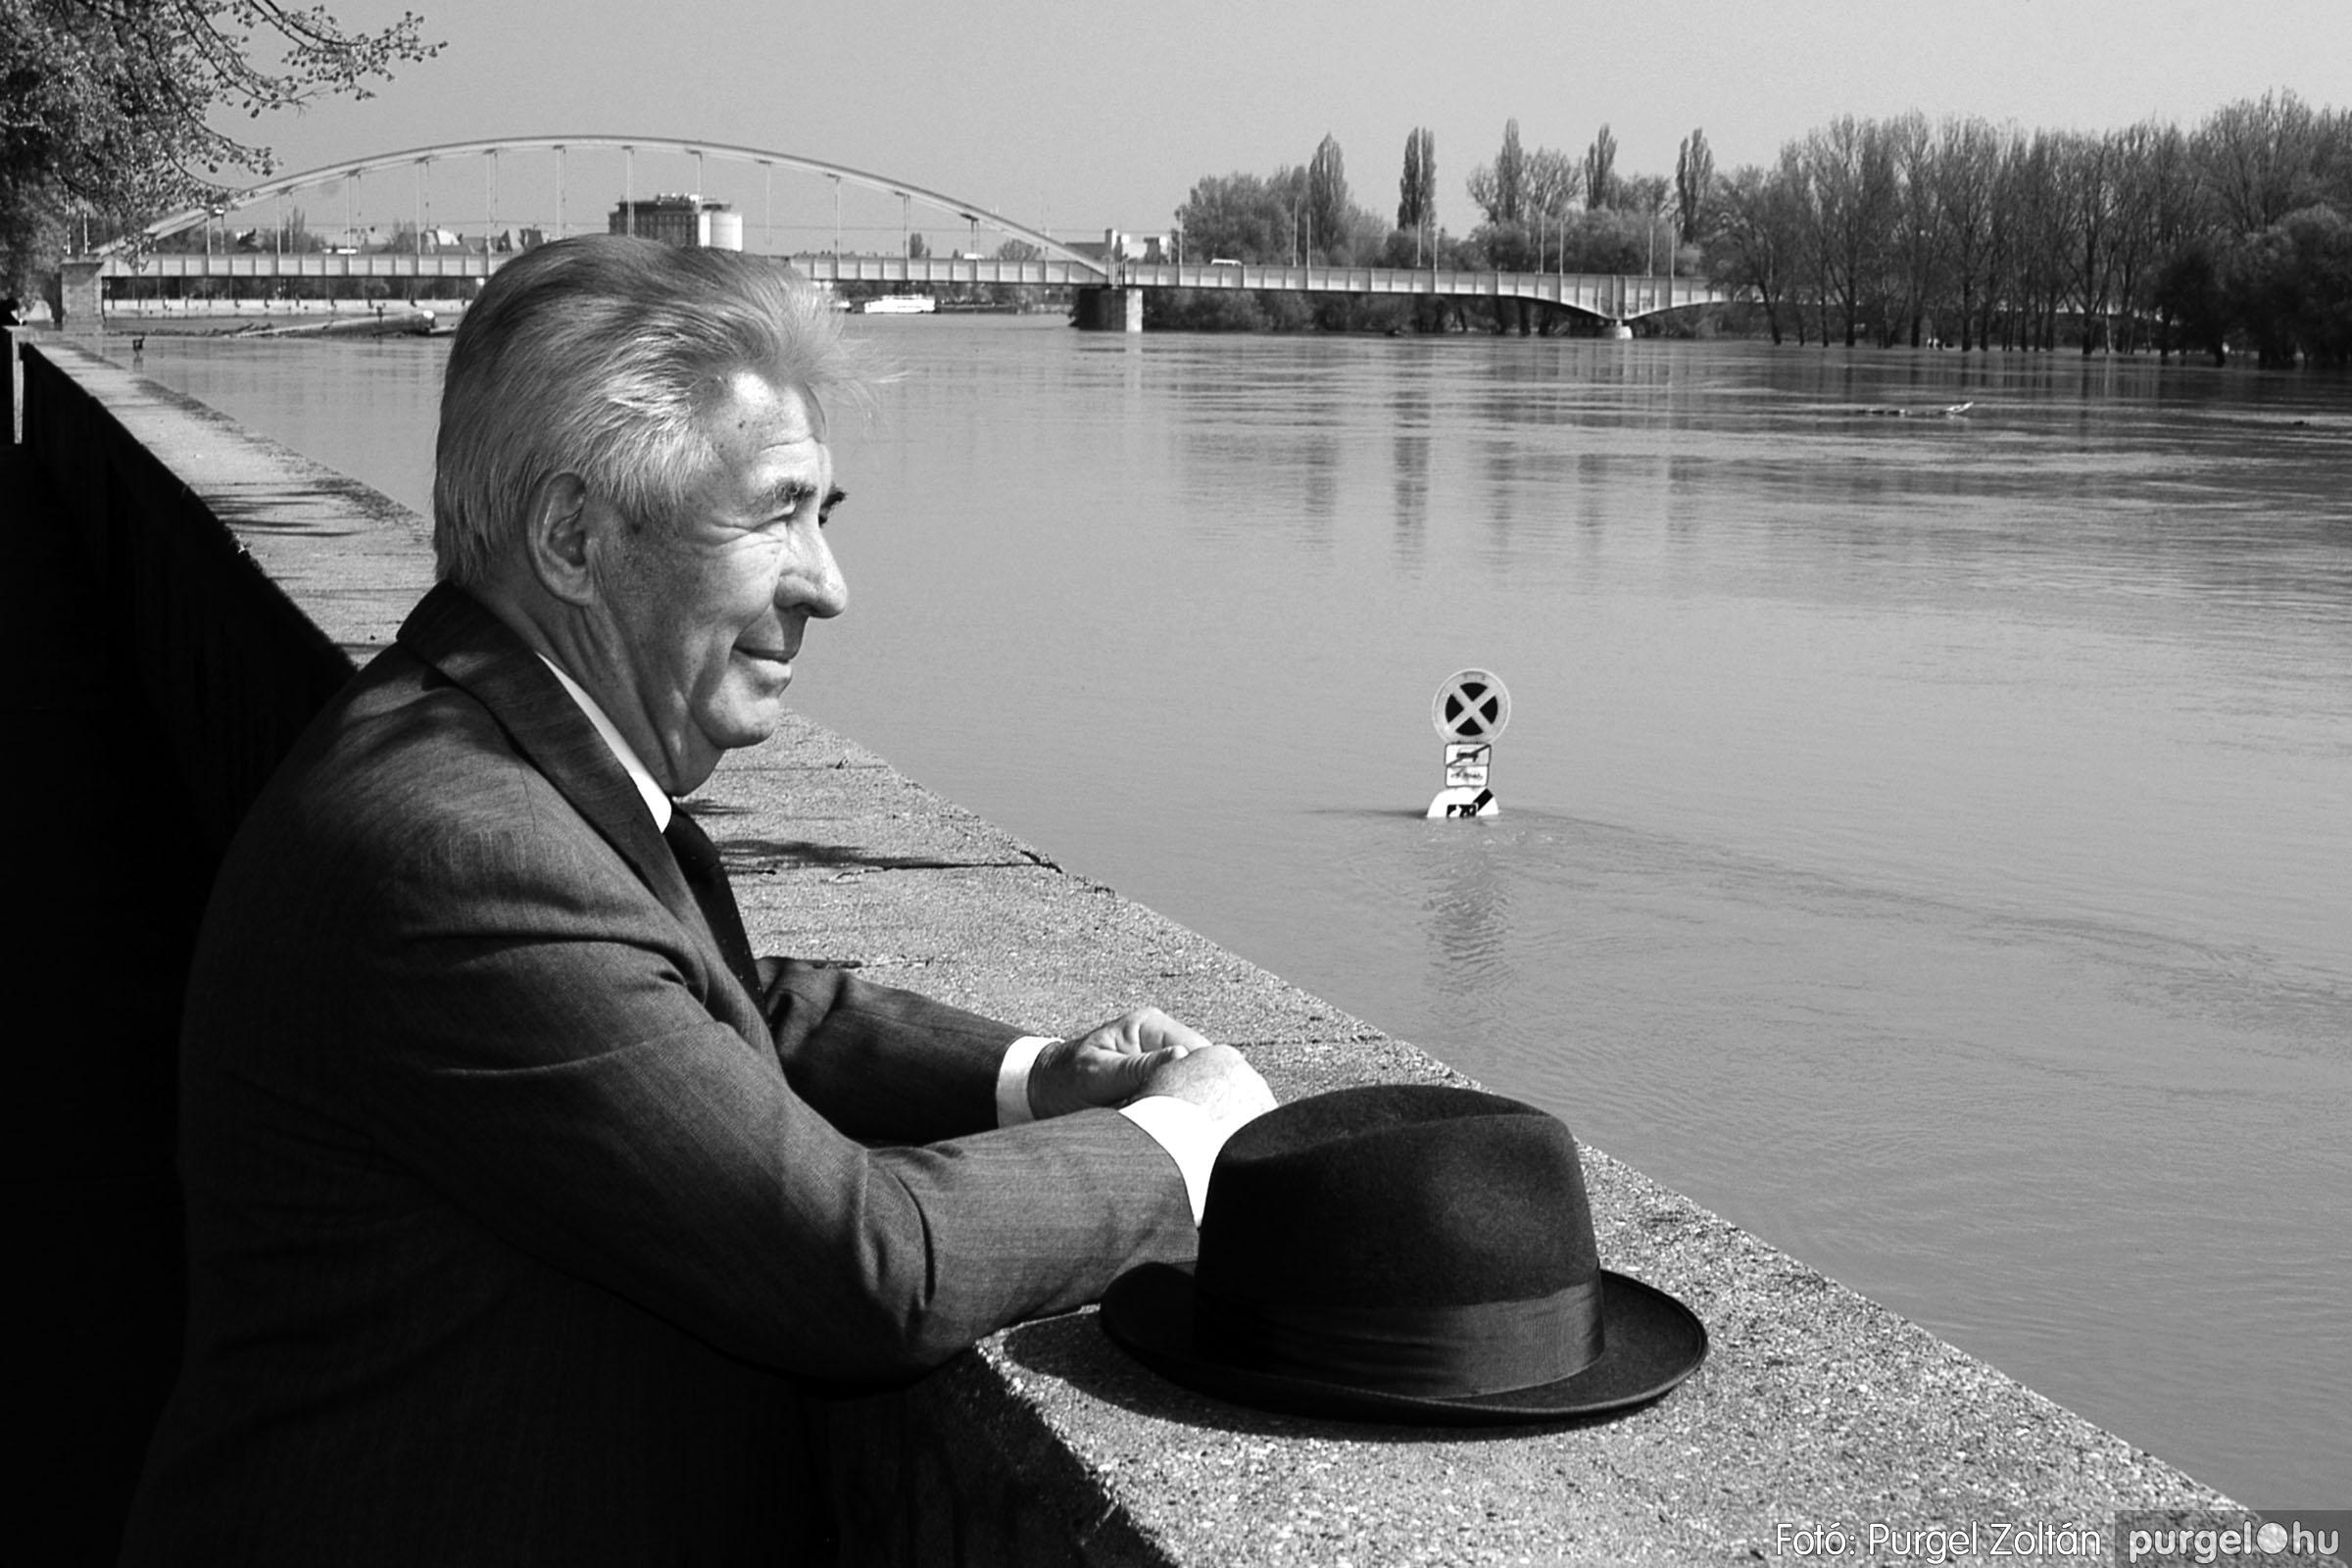 006 Örök pillanatok fotókiállításom képei - Ki a Tisza vizét issza...jpg